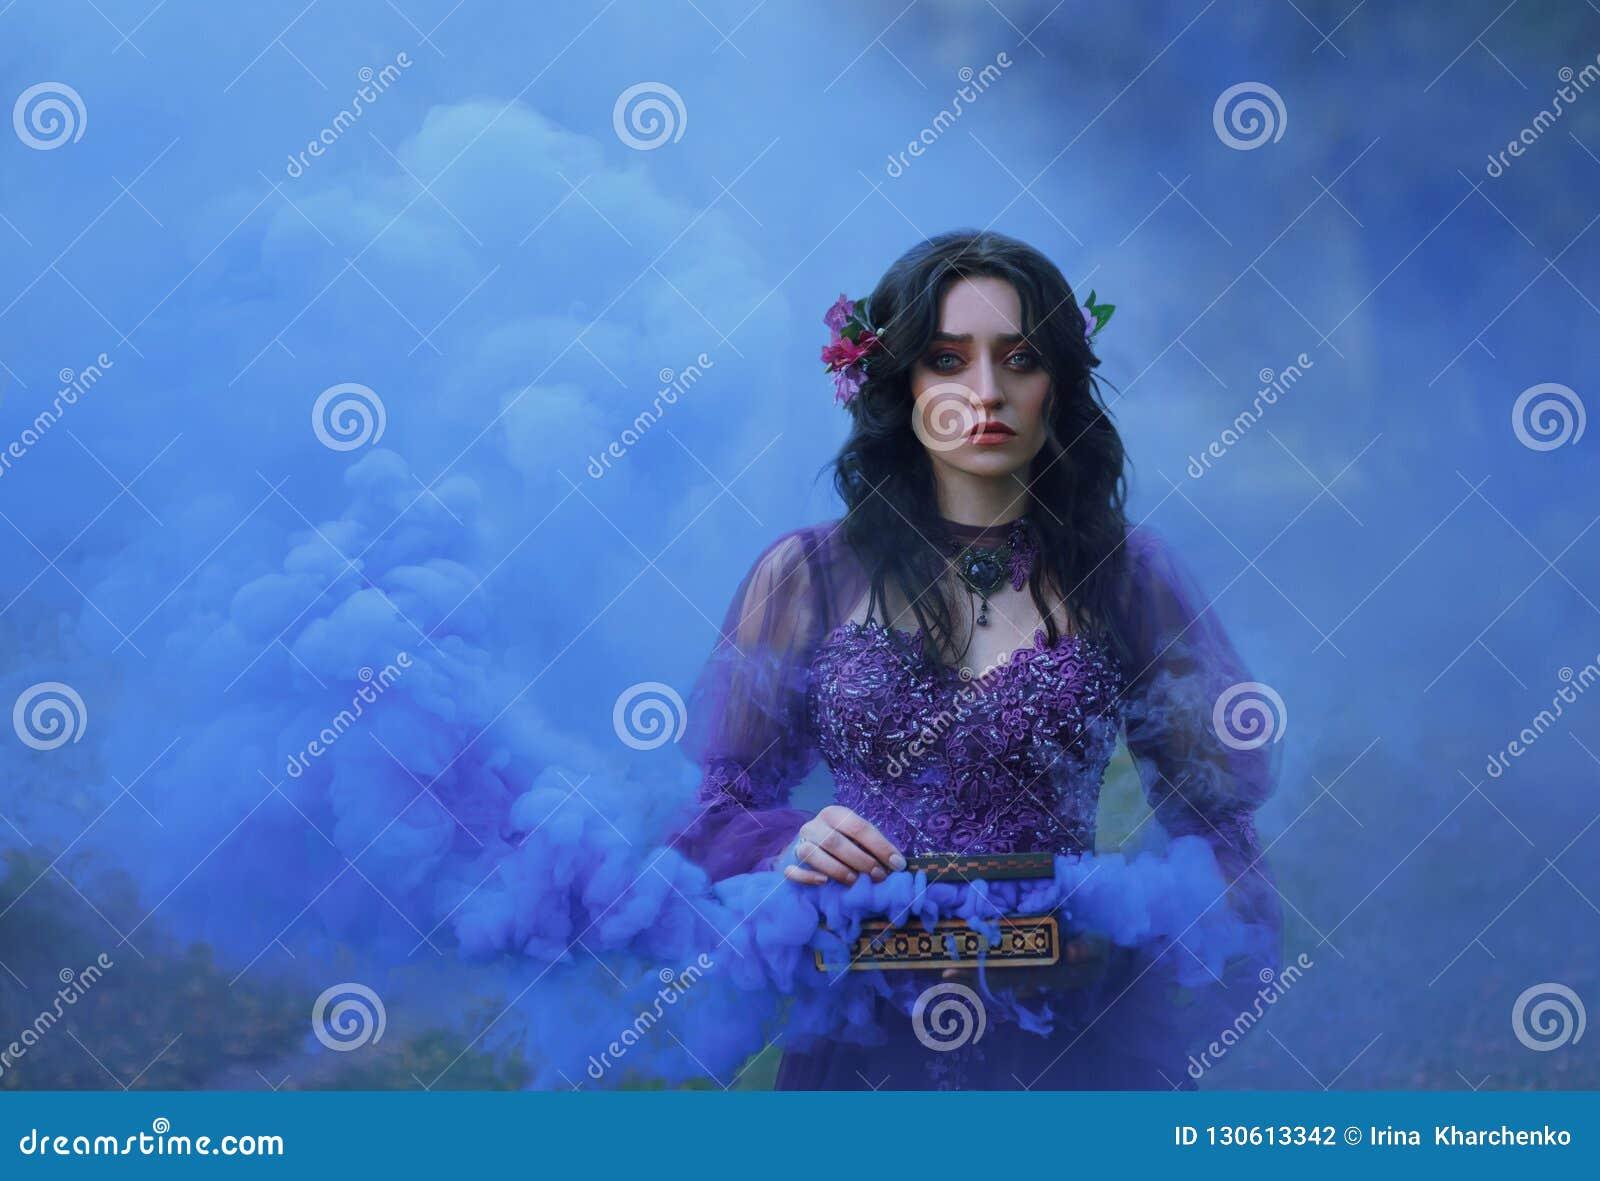 Κασετίνα Padora Το λυπημένο κορίτσι κρατά το κακό δώρο των Θεών - ένα πεδίο που γεμίζουν με το κακό Μια γυναίκα φωνάζει ότι θα μπ